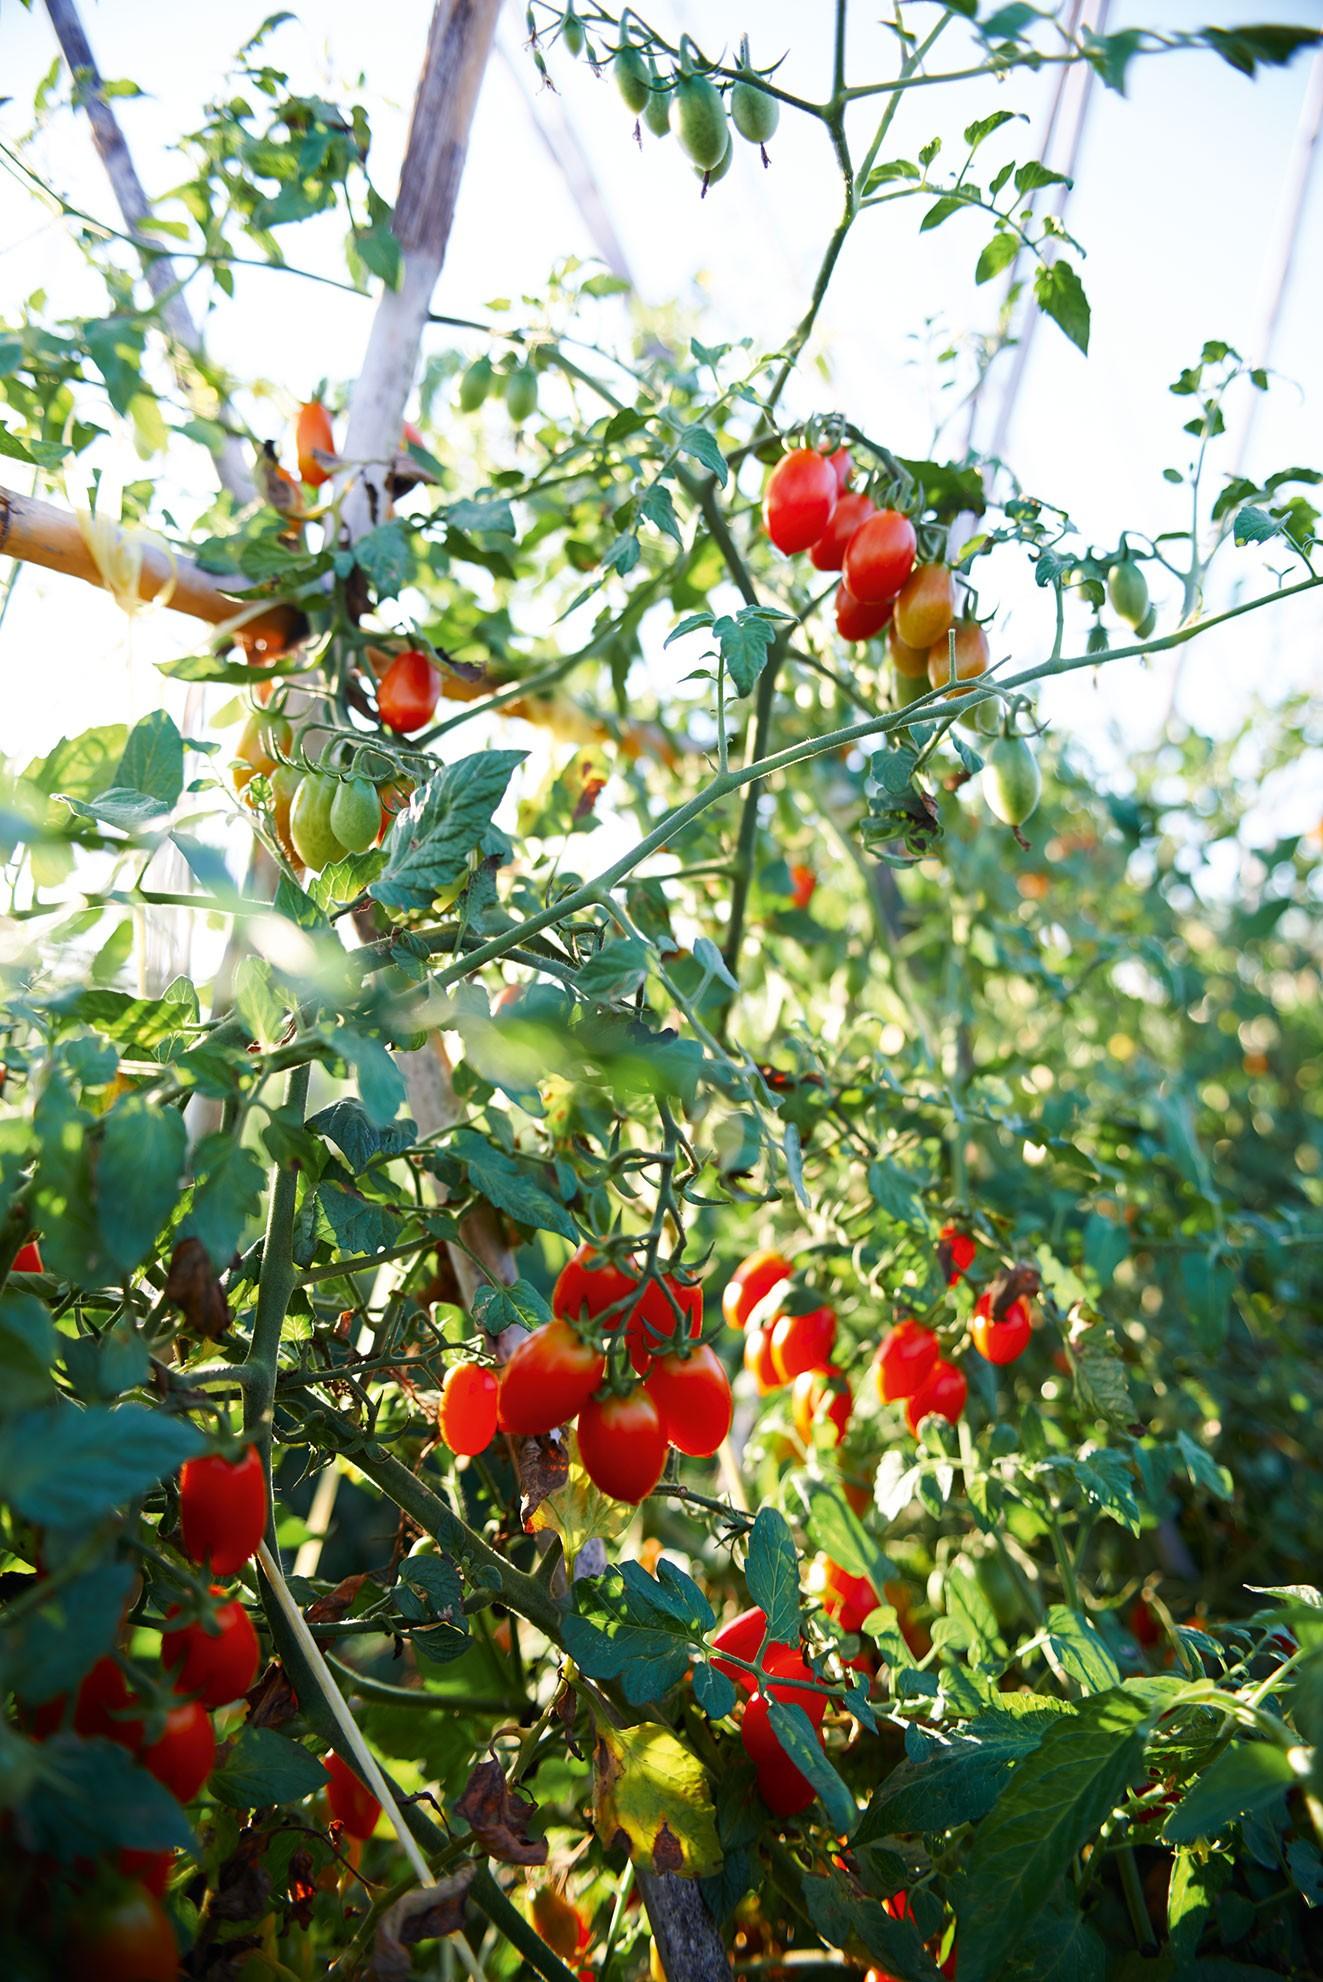 tomatoes_on_vine